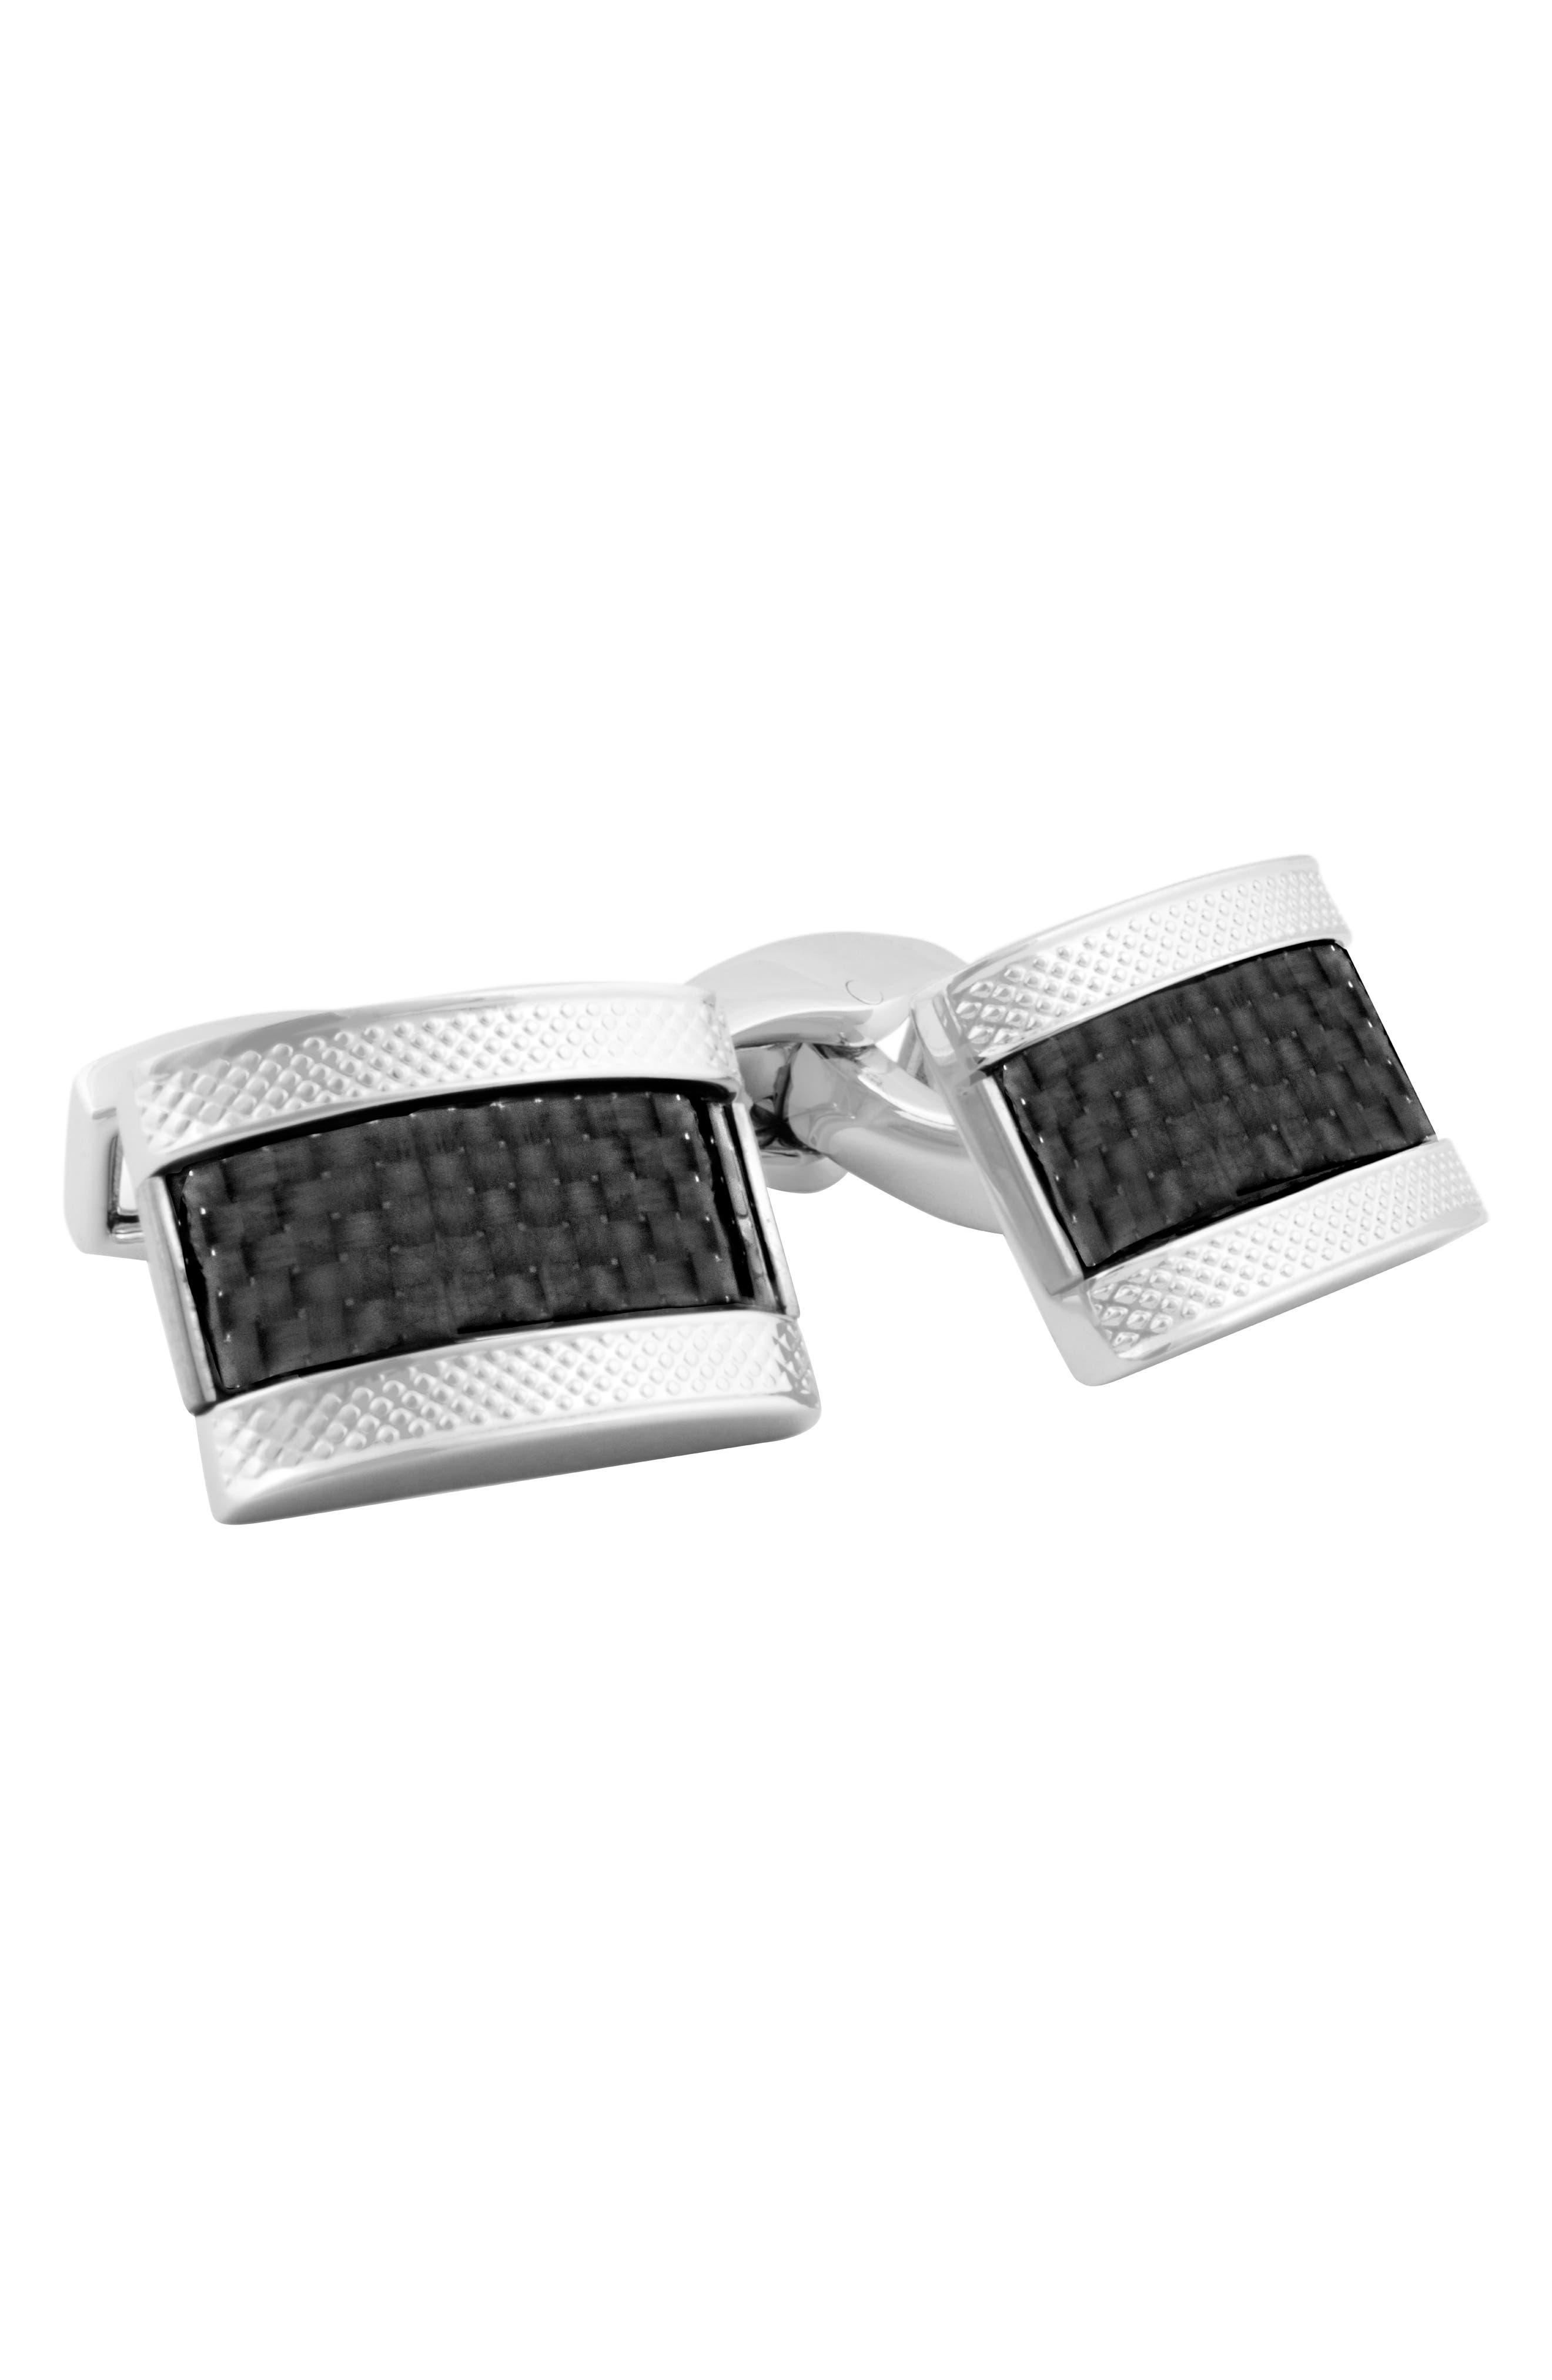 Carbon Fiber Cuff Links,                         Main,                         color, RHODIUM/ BLACK